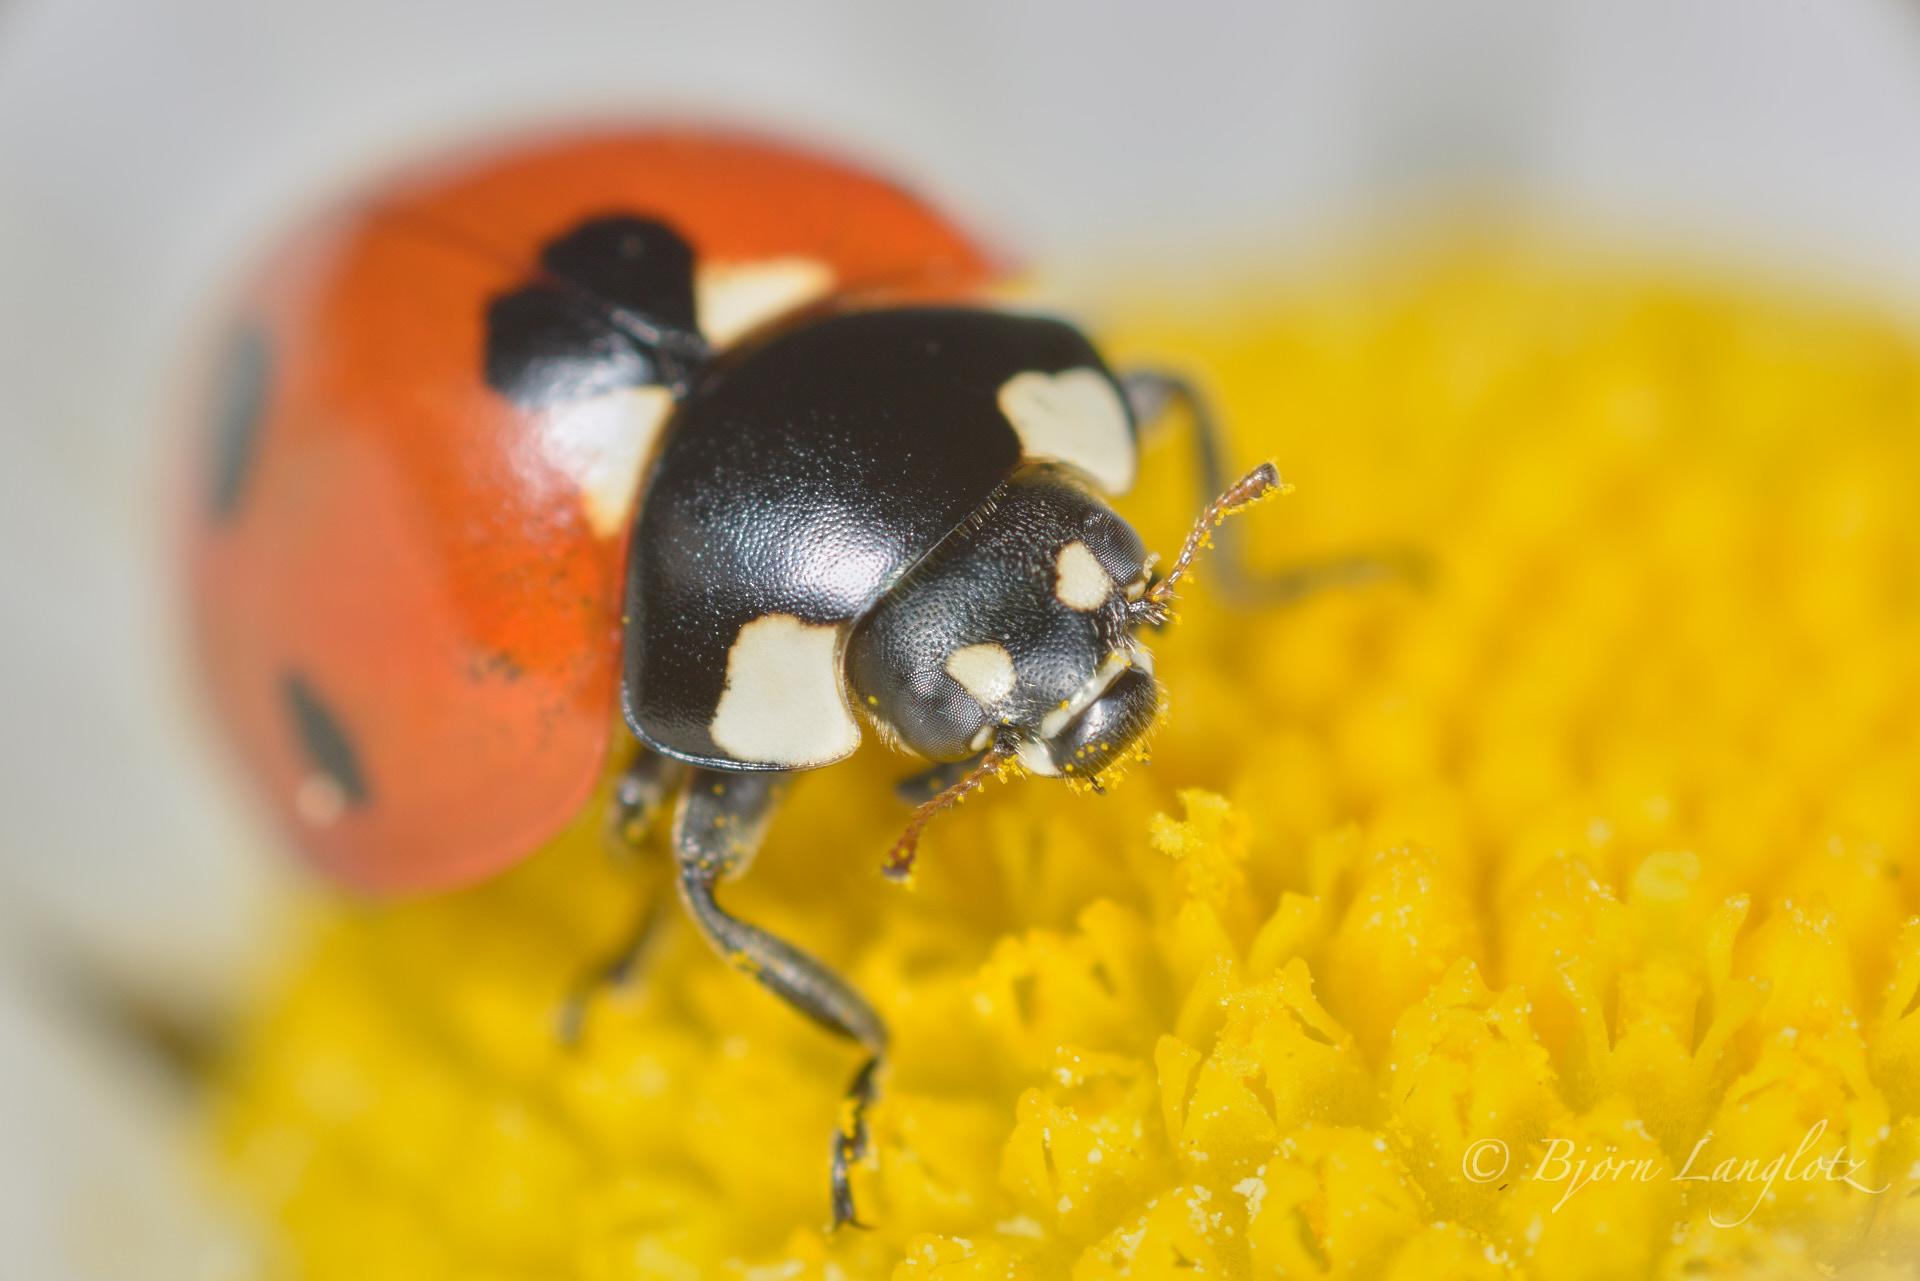 Dieser Siebenpunkt-Marienkäfer (Coccinella septempunctata) hatte es sich auf einer Blüte gemütlich gemacht (ca. 2-fache Vergrößerung)Kamera: NIKON D800E Zeiss Luminar II 63 mm 1/200 s bei Blende f/4.5